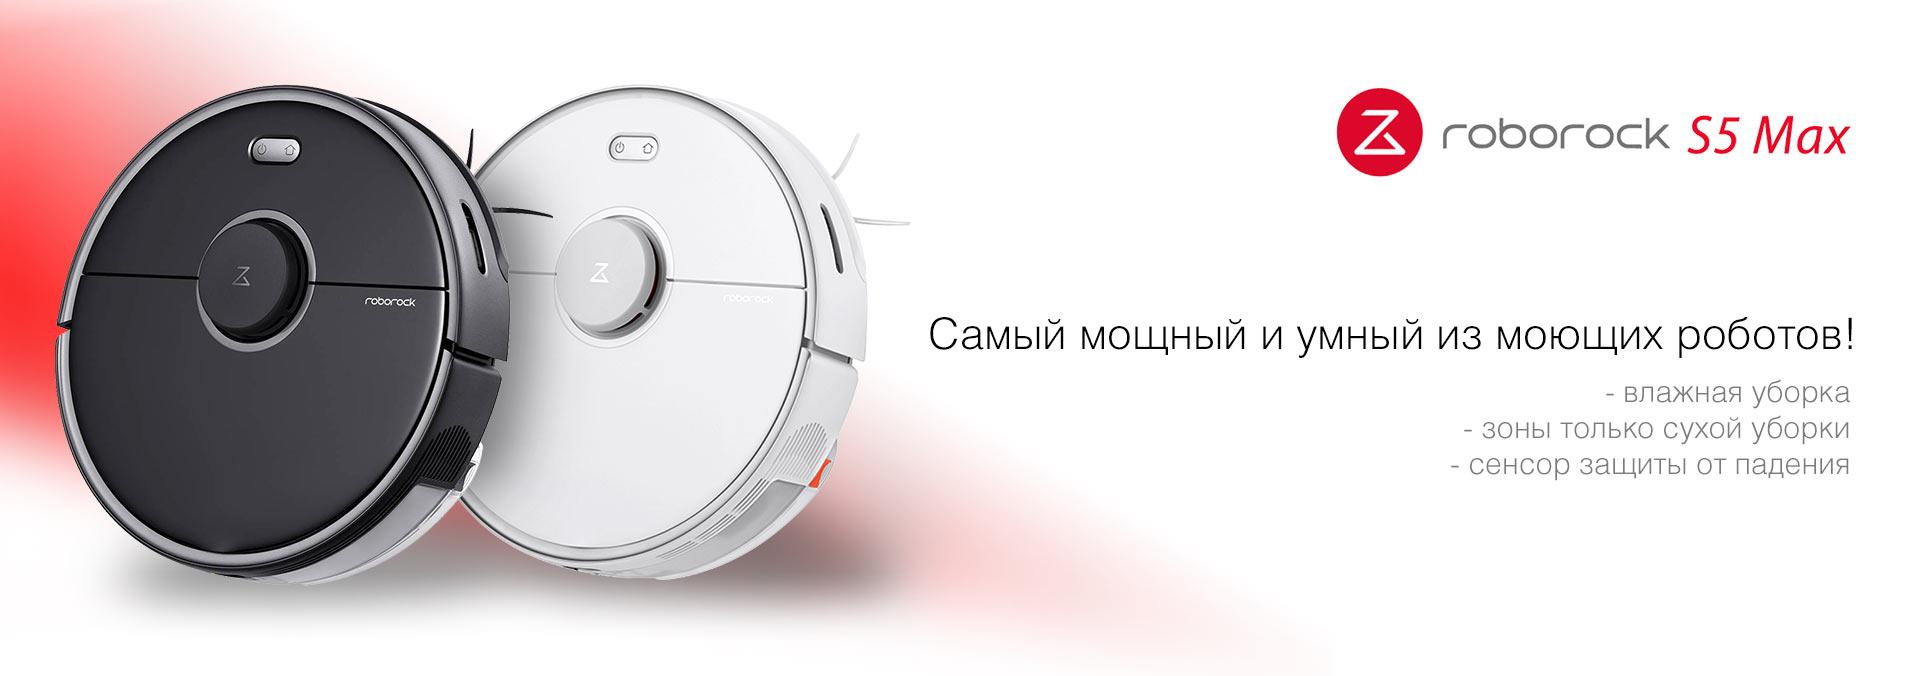 Пылесос Xiaomi Roborock S5 MAX купить в СПб